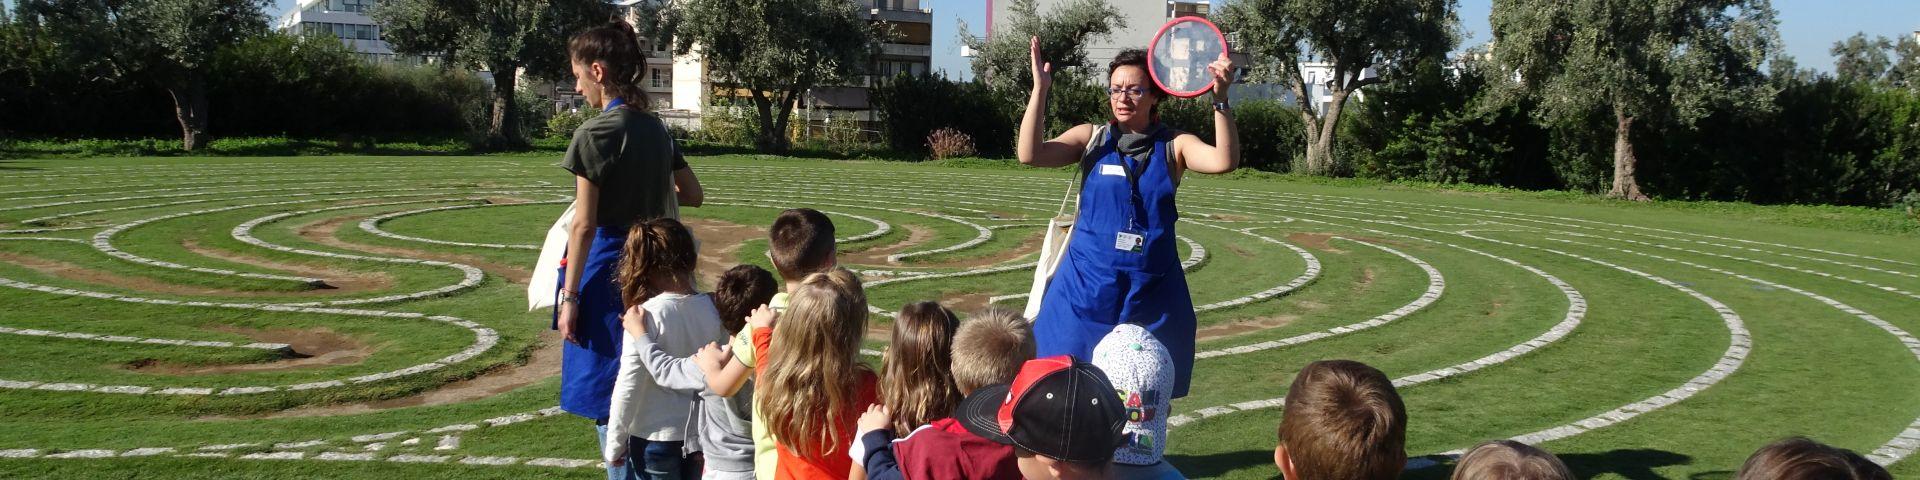 Φωτογραφία με μαθητές στο Πάρκο Σταύρος Νιάρχος - σχολικά προγράμματα